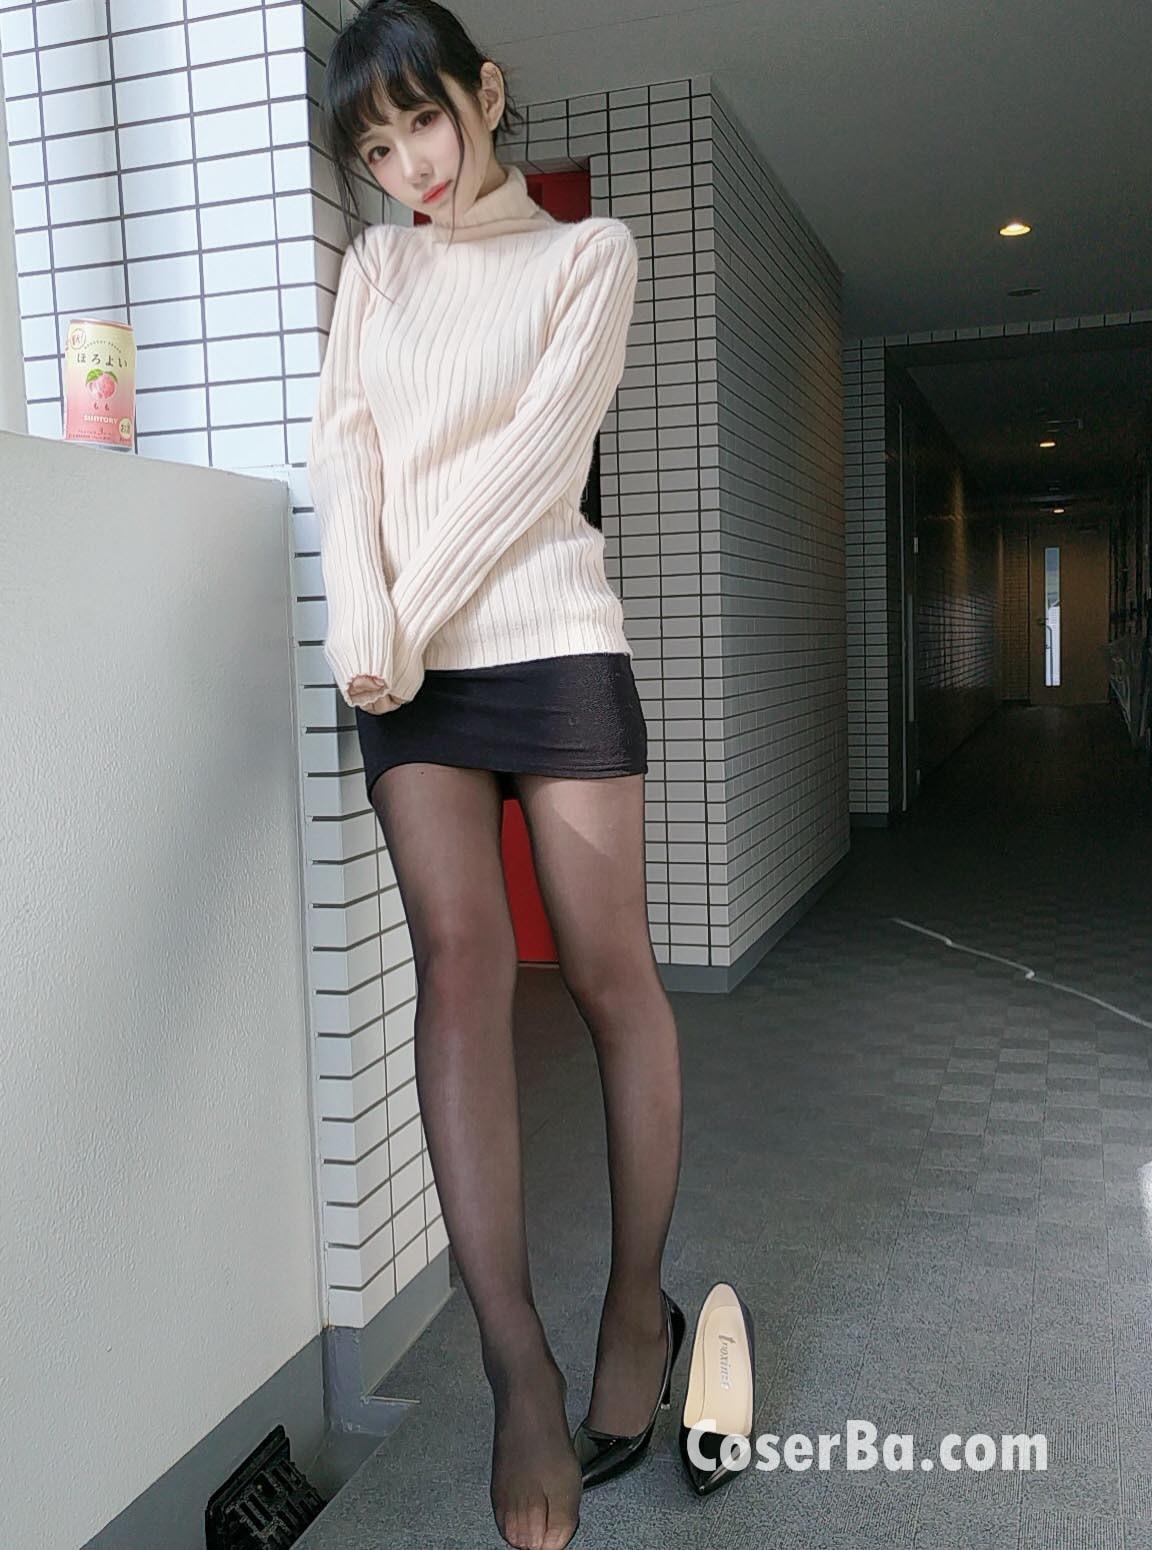 女神小姐姐@Shika小鹿鹿 57套作品合集[9.8G] coserba.com整理发布